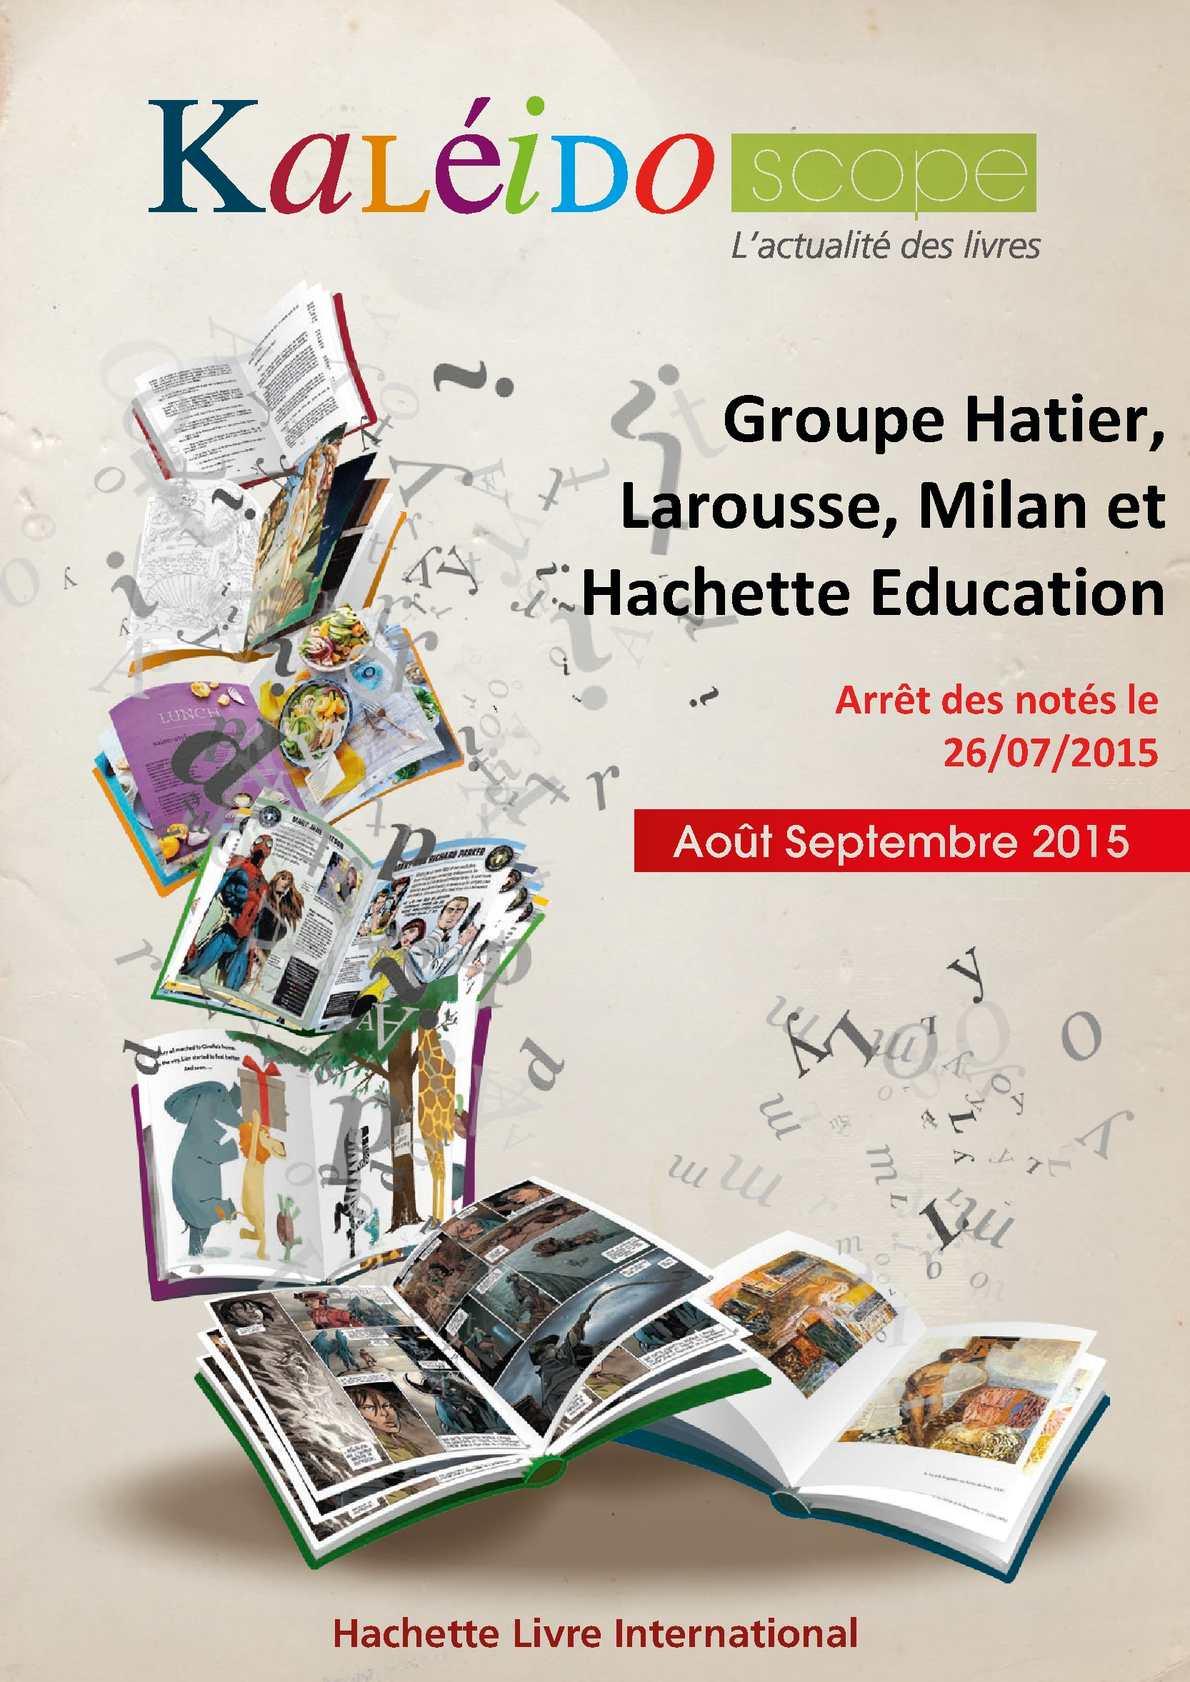 Salle De Bain Ambiance Hammam ~ Calam O Kaleidoscope Aout Septembre 2015 Hatier Larousse Milan